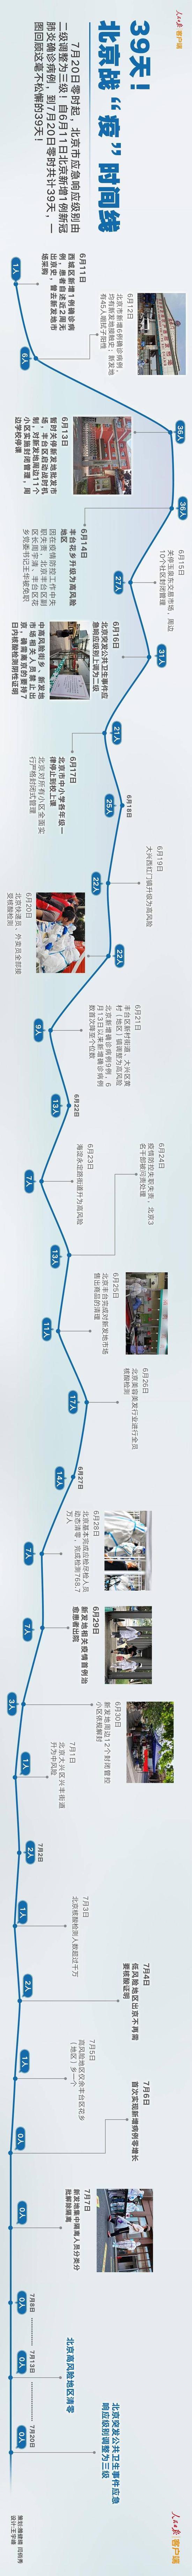 蓝冠:3蓝冠9天北京战疫时间线图片